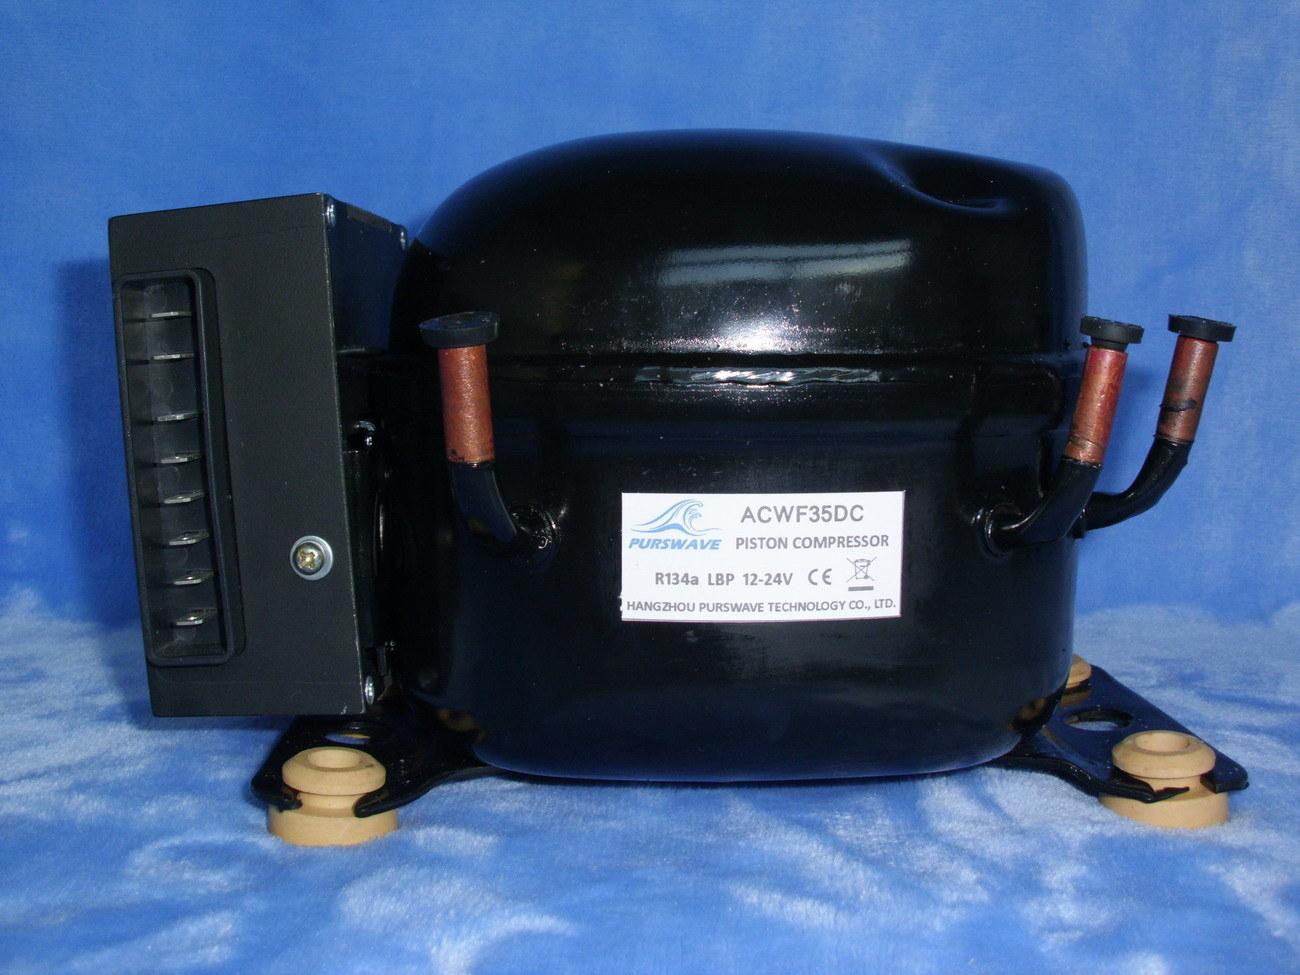 Mini DC Compressor, R134A, LBP, 12-24V (ACWF35DC)